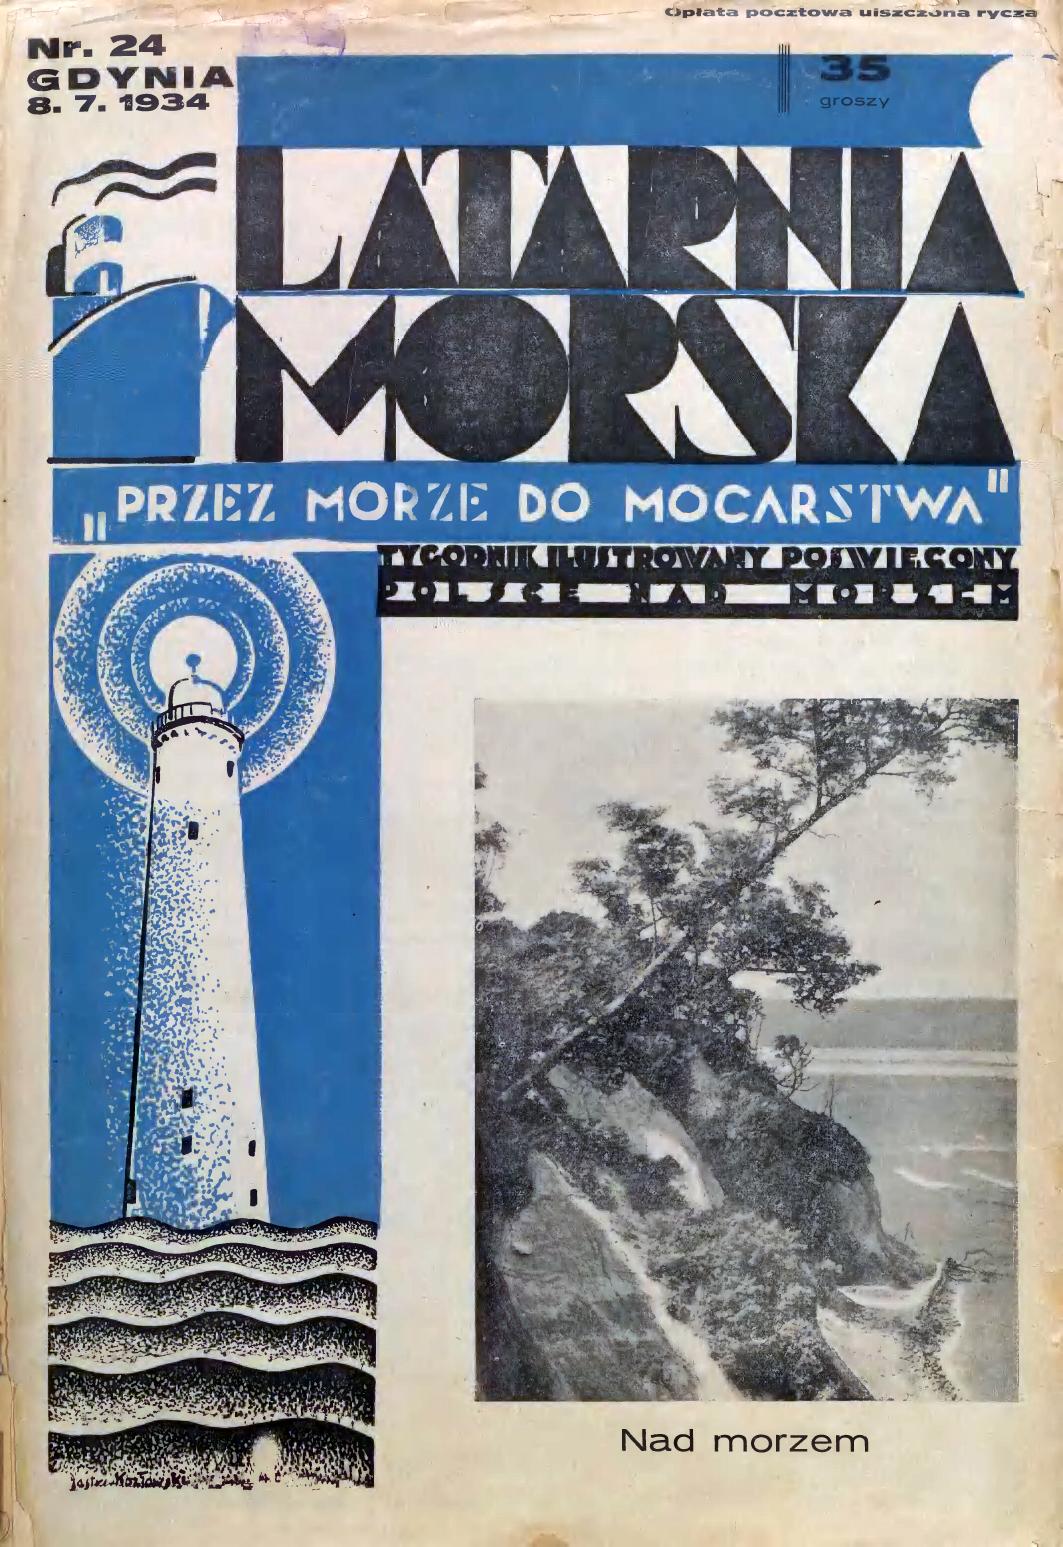 Latarnia Morska: tygodnik ilustrowany poświęcony Polsce nad morzem. – Gdynia : Balto Polak – Zakłady Graficzne i Wydawnicze, 1934, nr 24